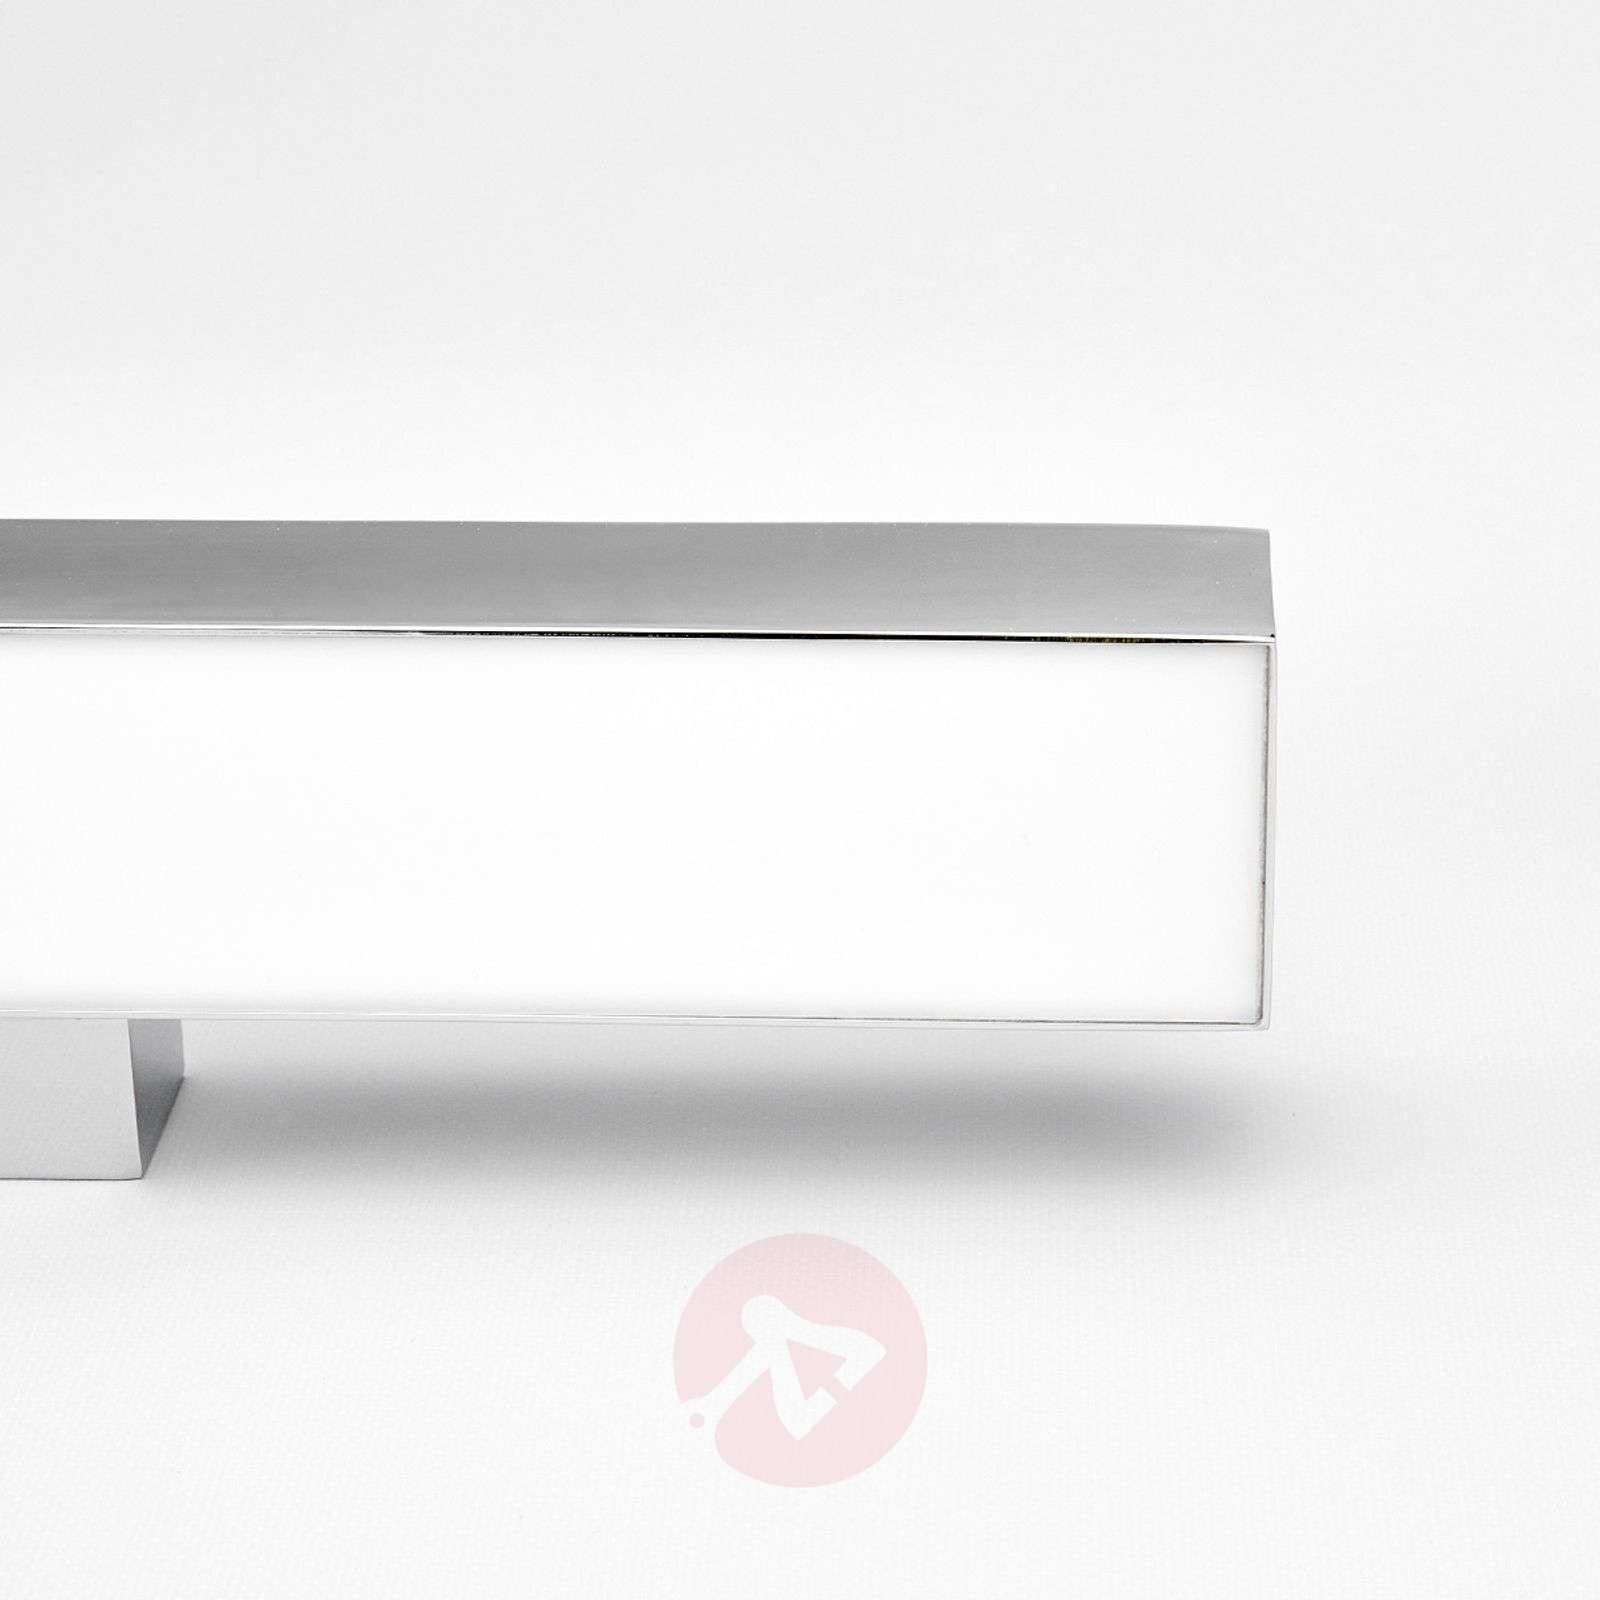 Kiana seinävalaisin LED-valolla kromisena-9641030-01